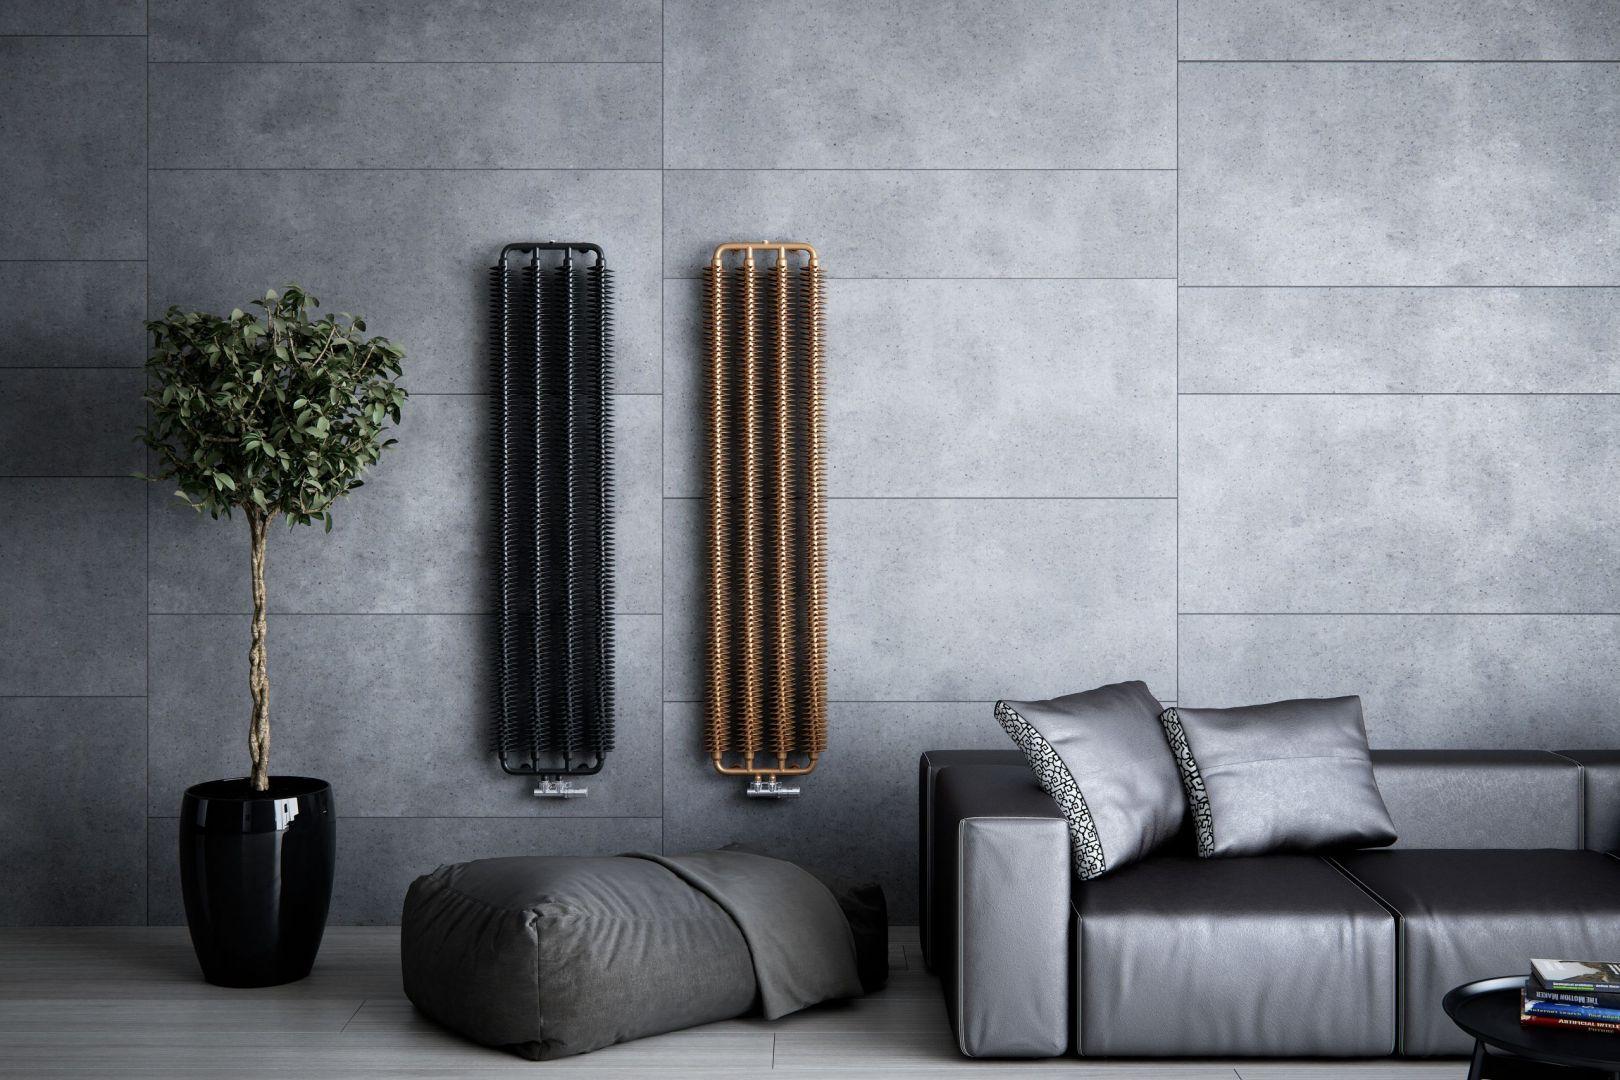 Utrzymany w industrialnym stylu loft grzejnik Ribbon V dostępny w wersji horyzontalnej i wertykalnej, wodnej i elektrycznej. Fot.Terma